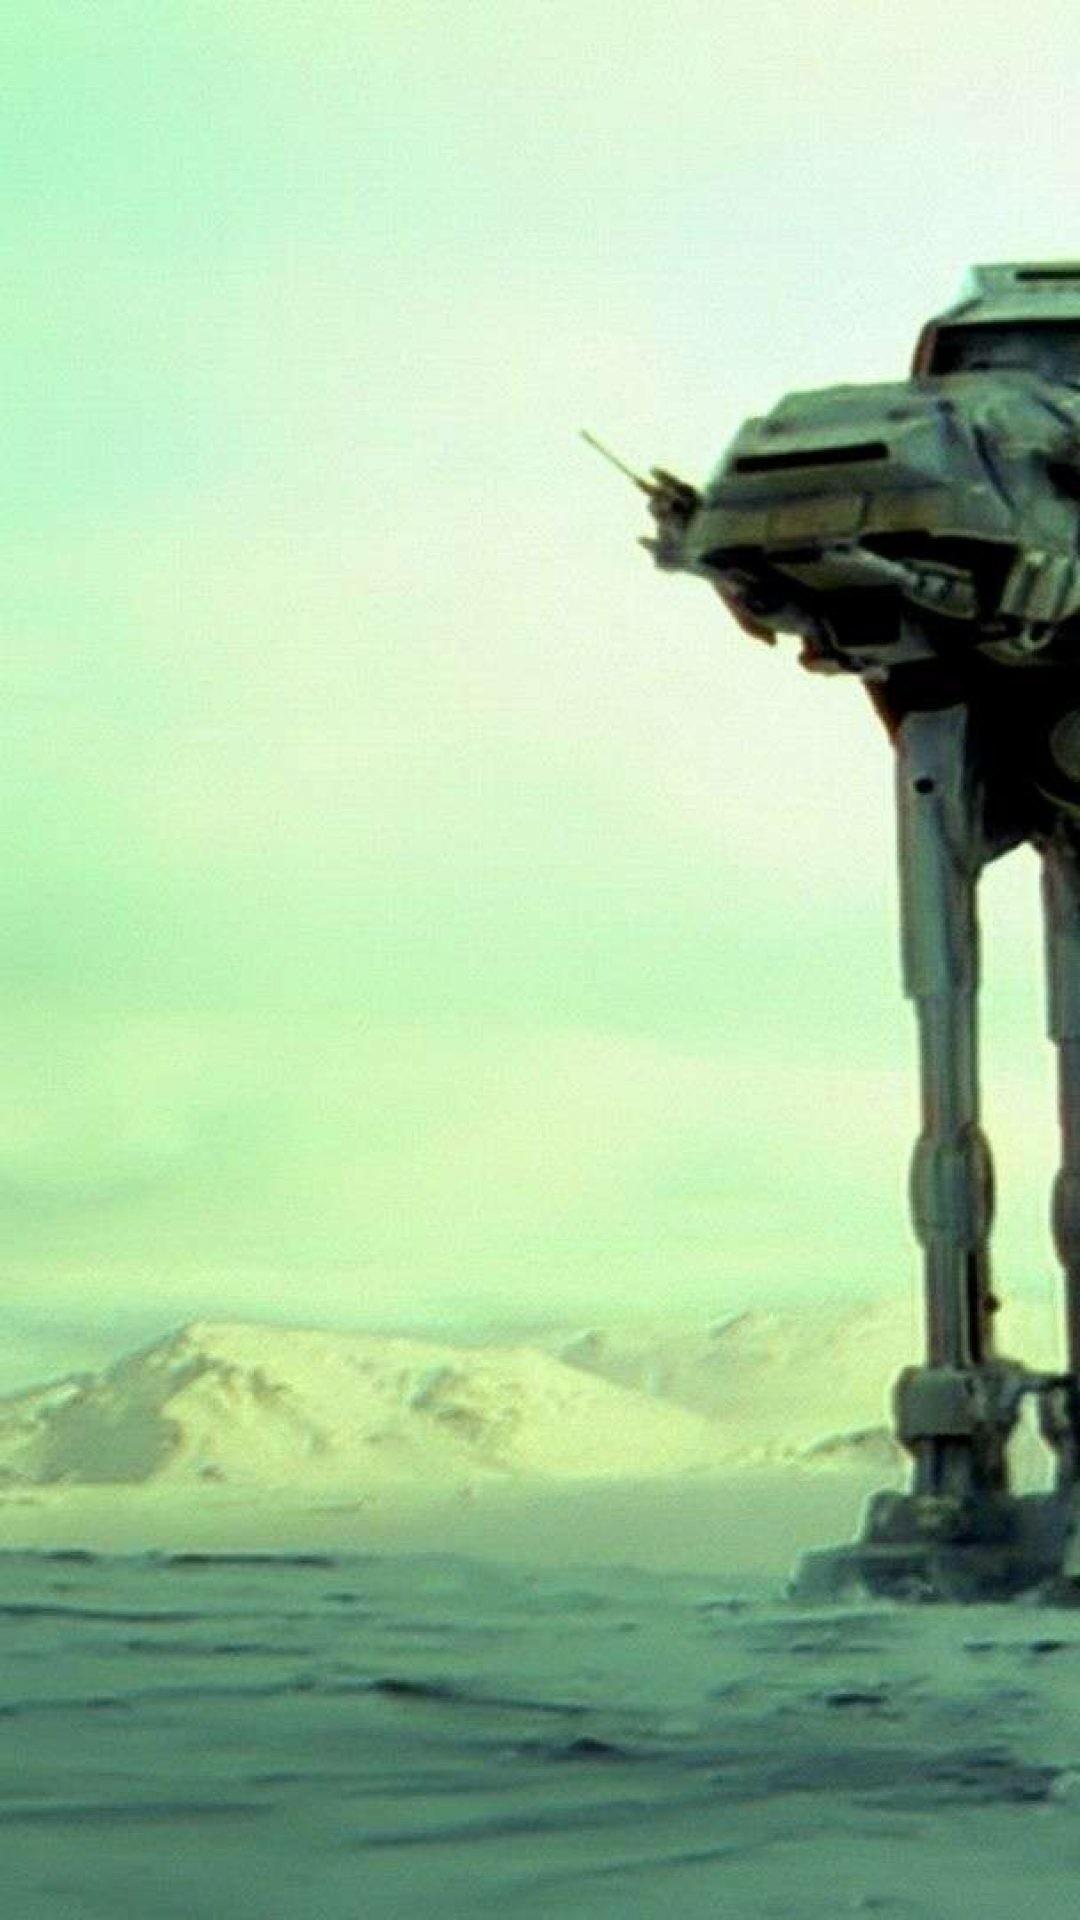 star wars wallpaper hd 1080p